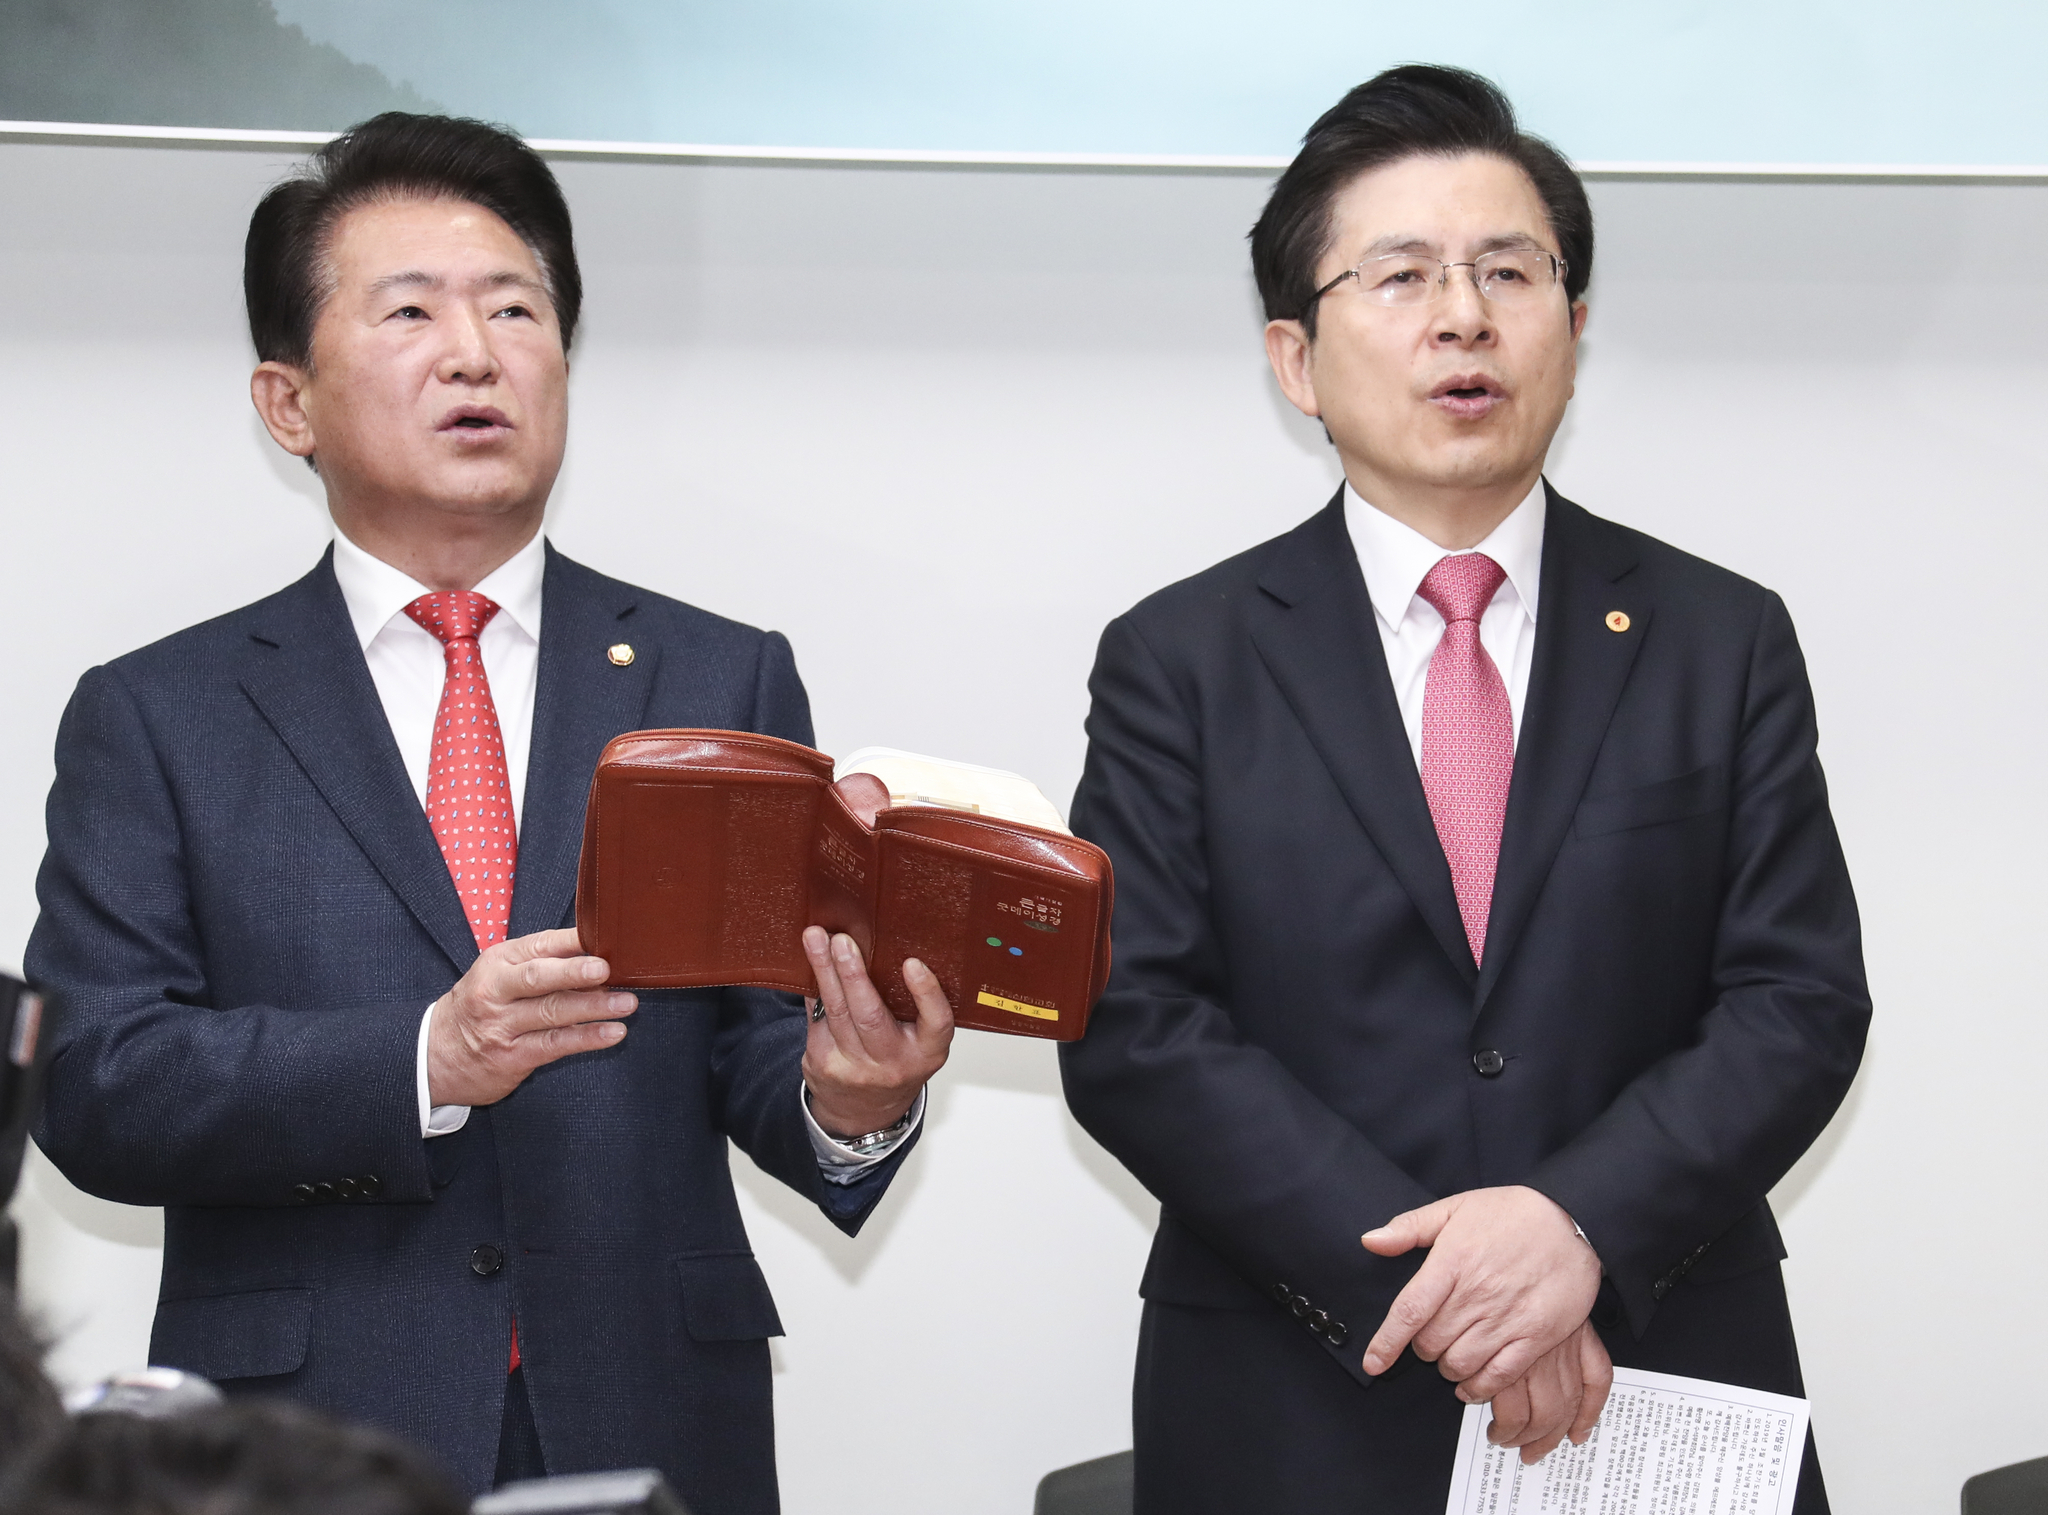 황교안 대표(오른쪽)와 김한표 의원이 찬송가을 부르고 있다.  임현동 기자